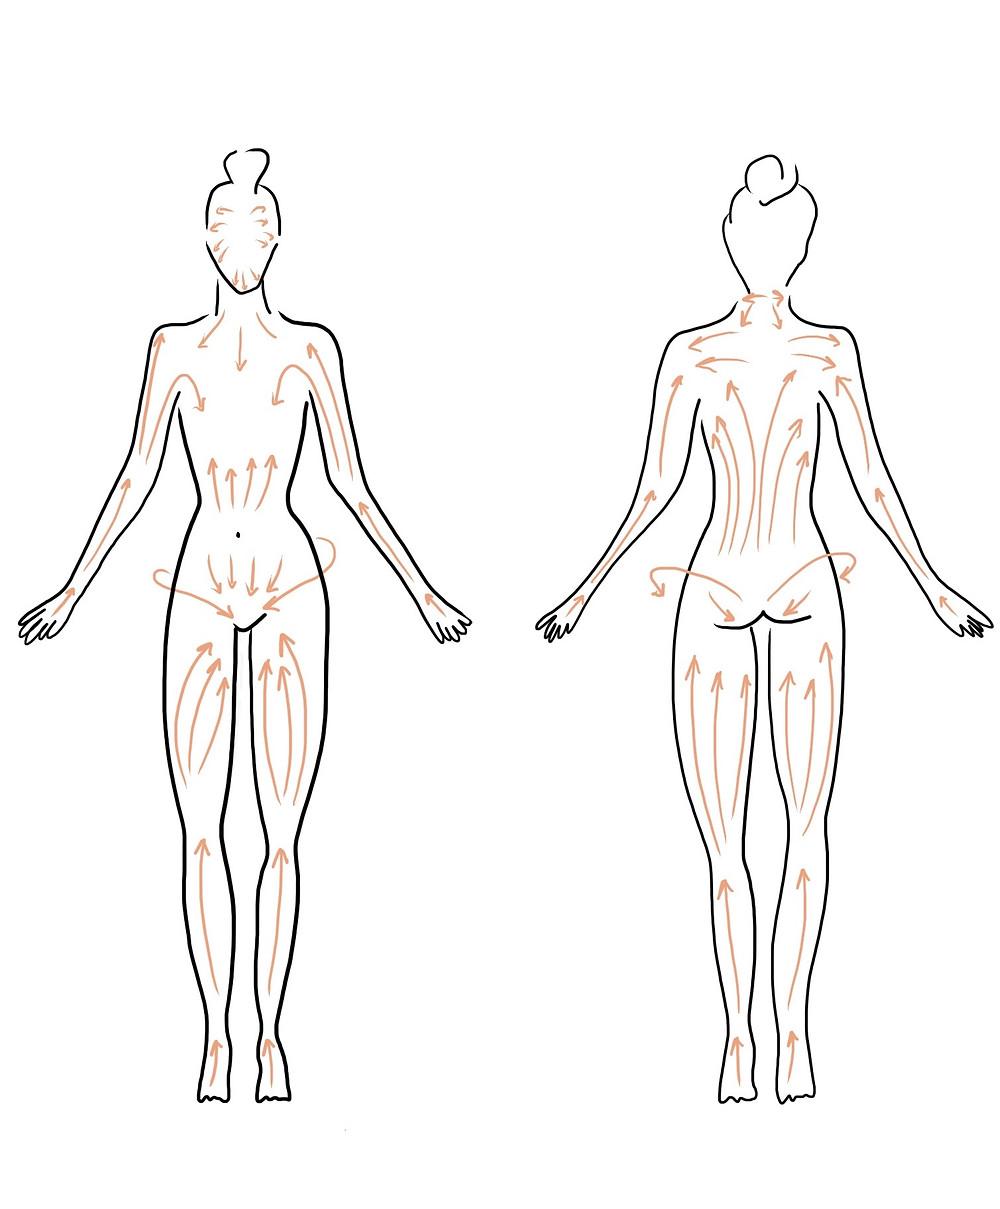 brossage à sec (brossage lymphatique)